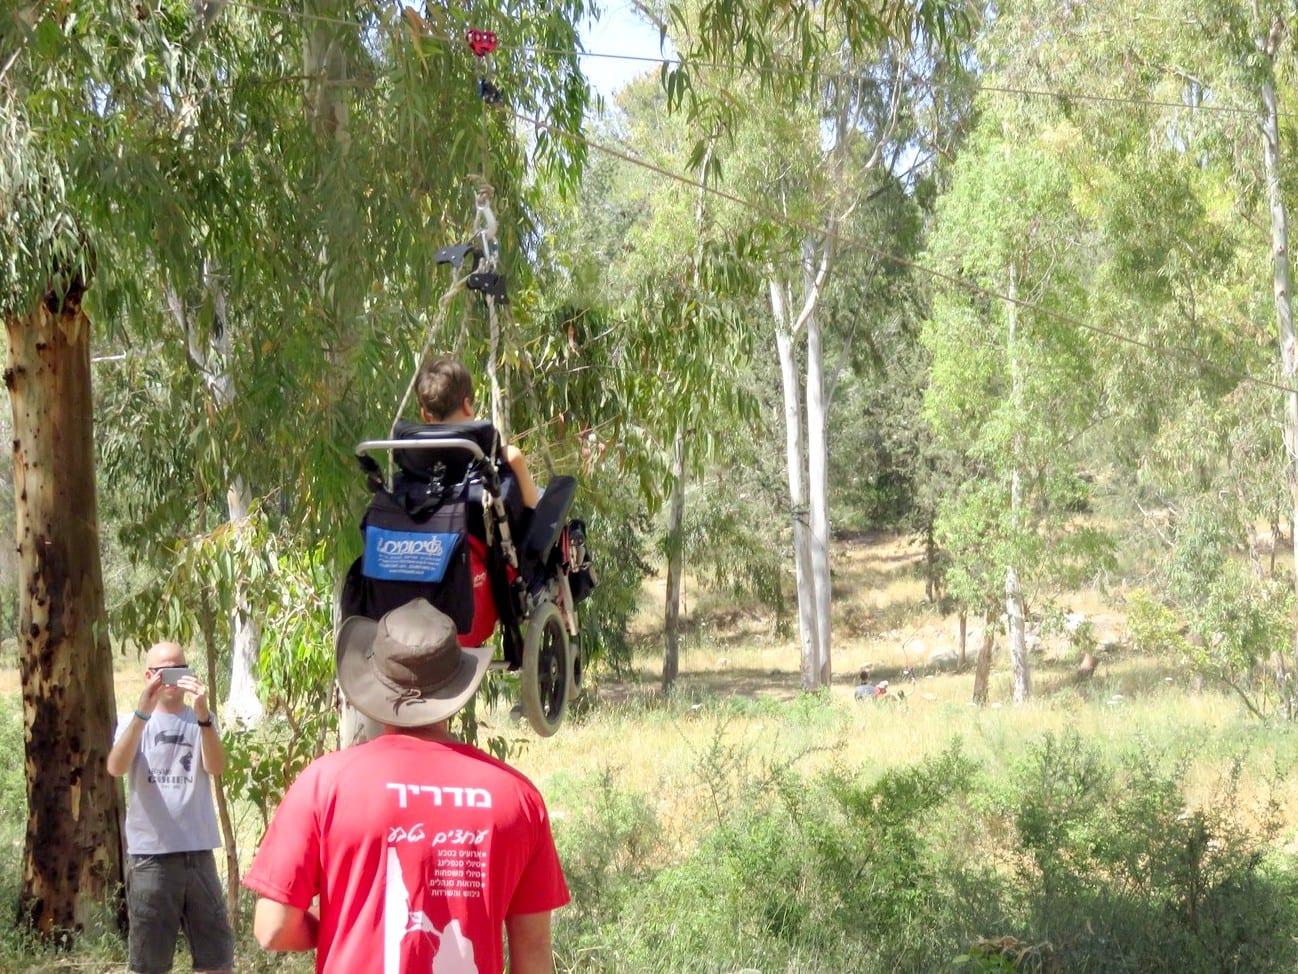 אתגר ילדים מיוחדים - תרומה לקהילה - ערוצים בטבע